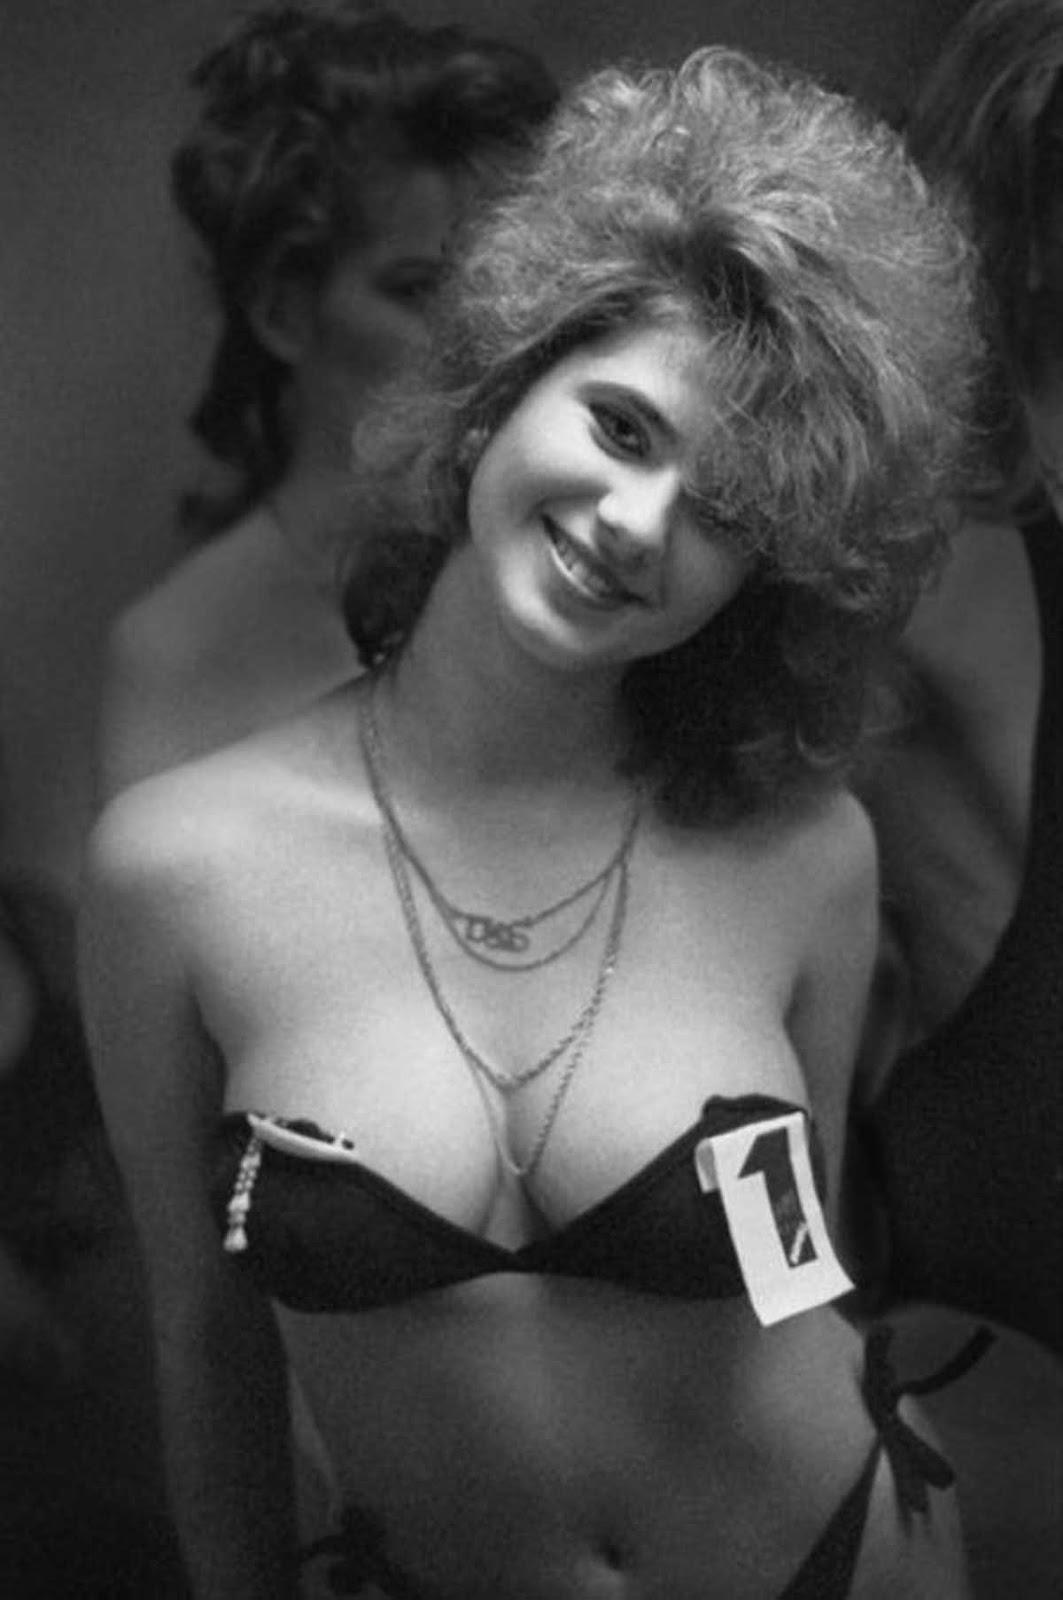 miss moscow beauty 13 - O primeiro Concurso de beleza do Comunismo